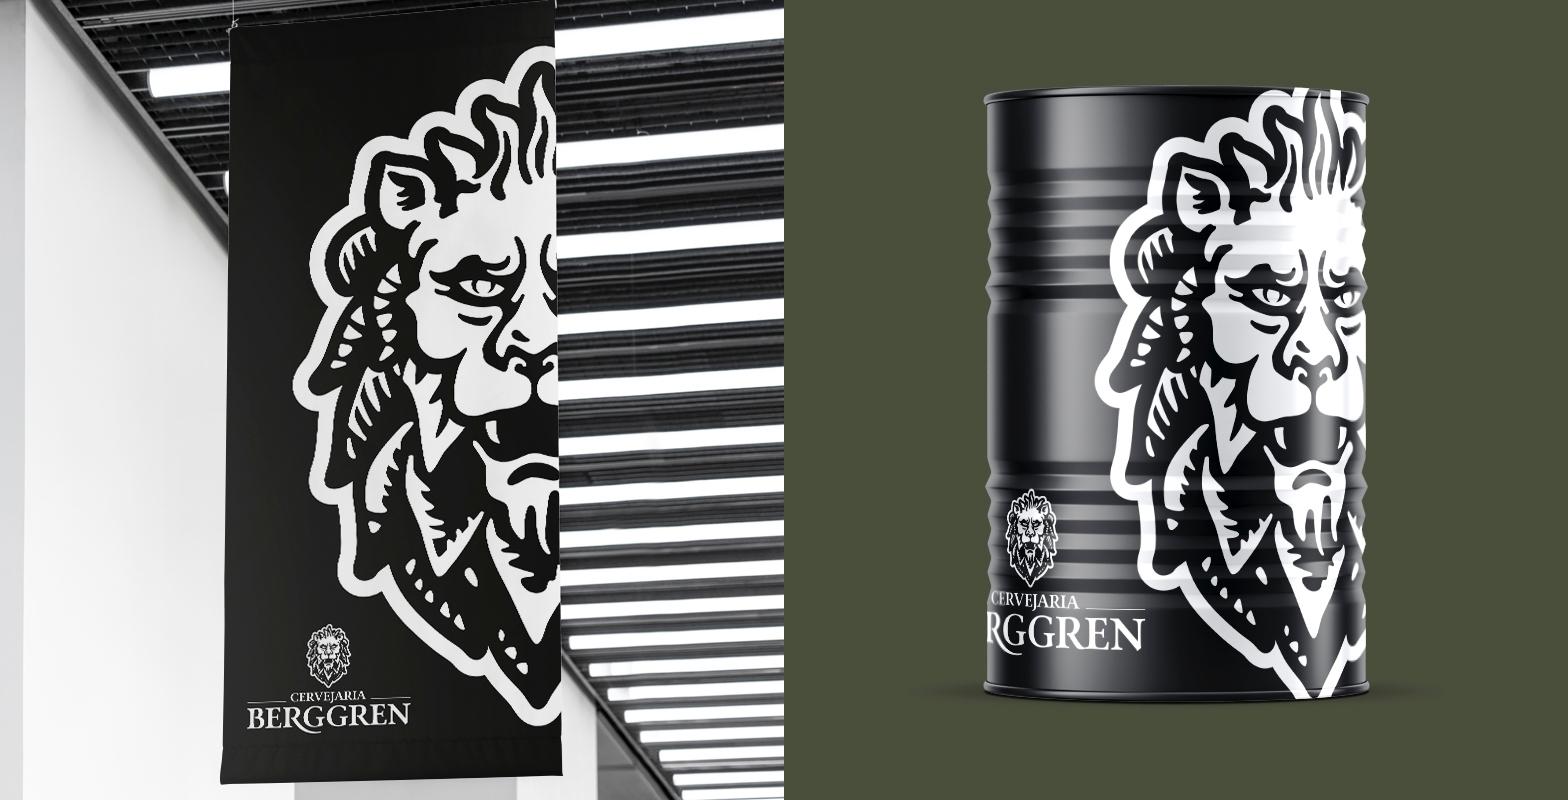 Berggren Bier - Identidade visual e Branding (5)